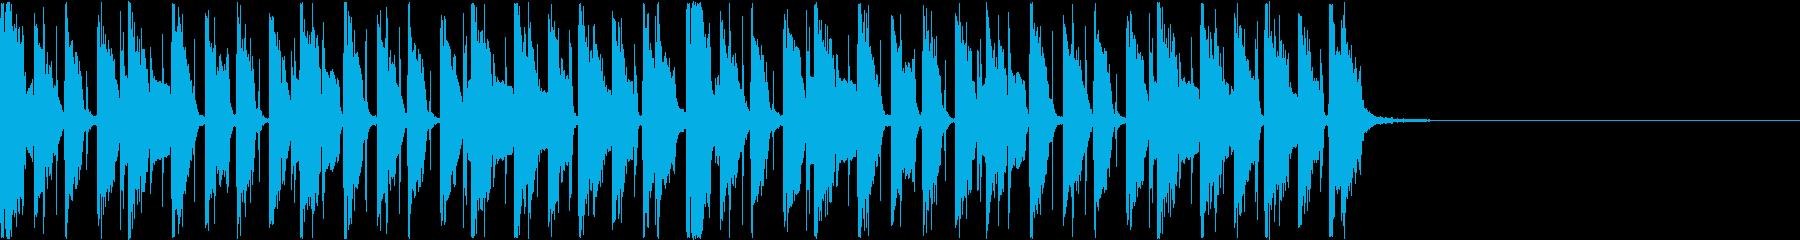 かっこいいファンクギターのジングル2の再生済みの波形